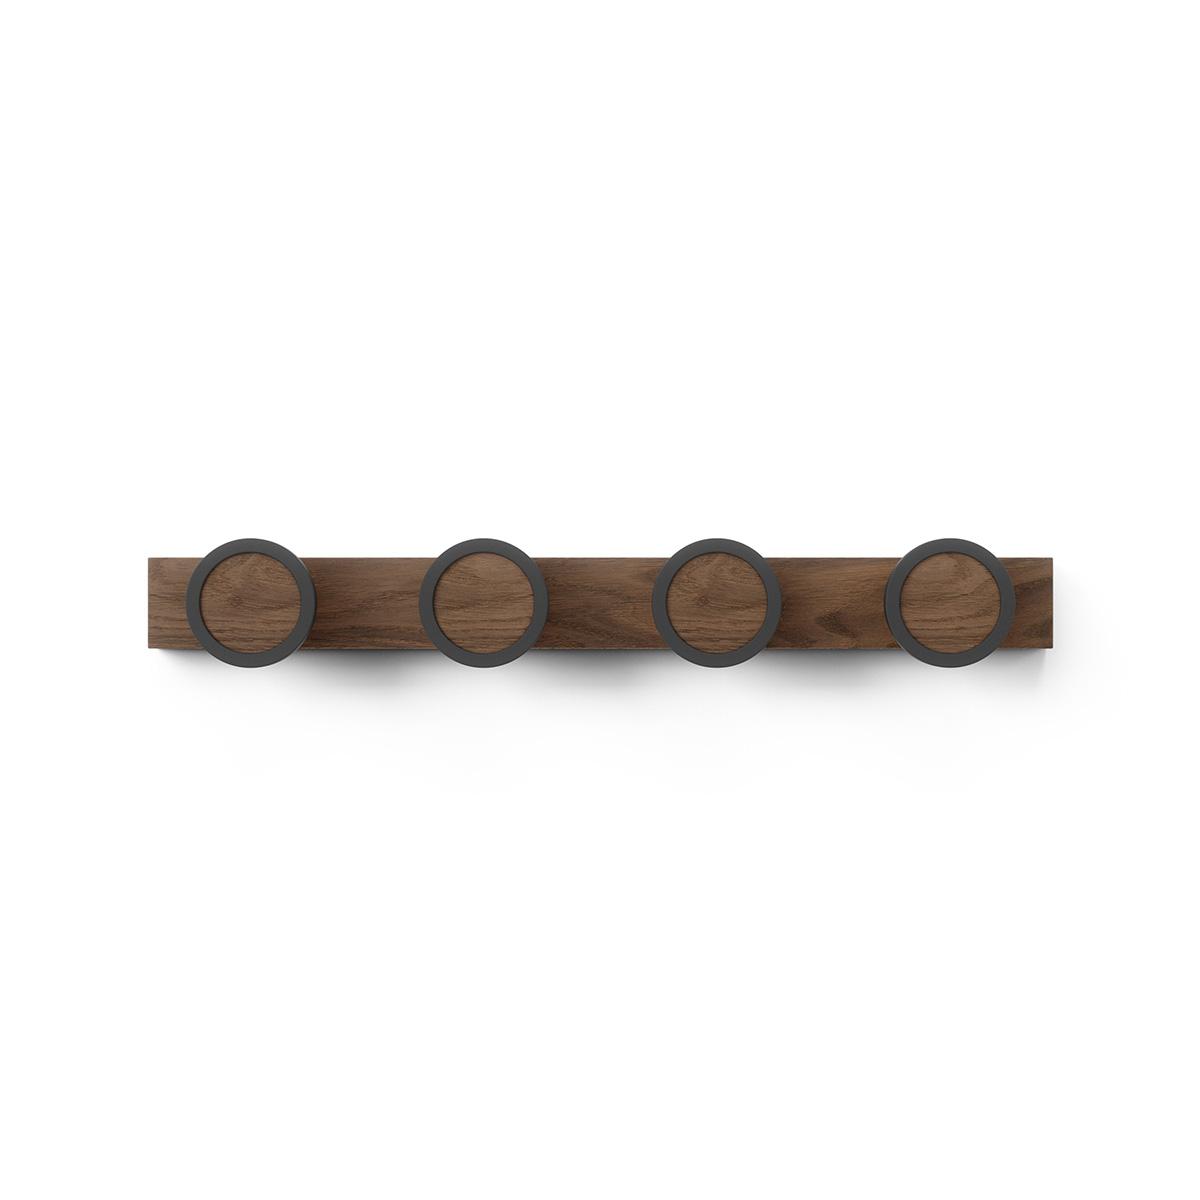 Čiviluk HUB RAIL 1016843-048 braon